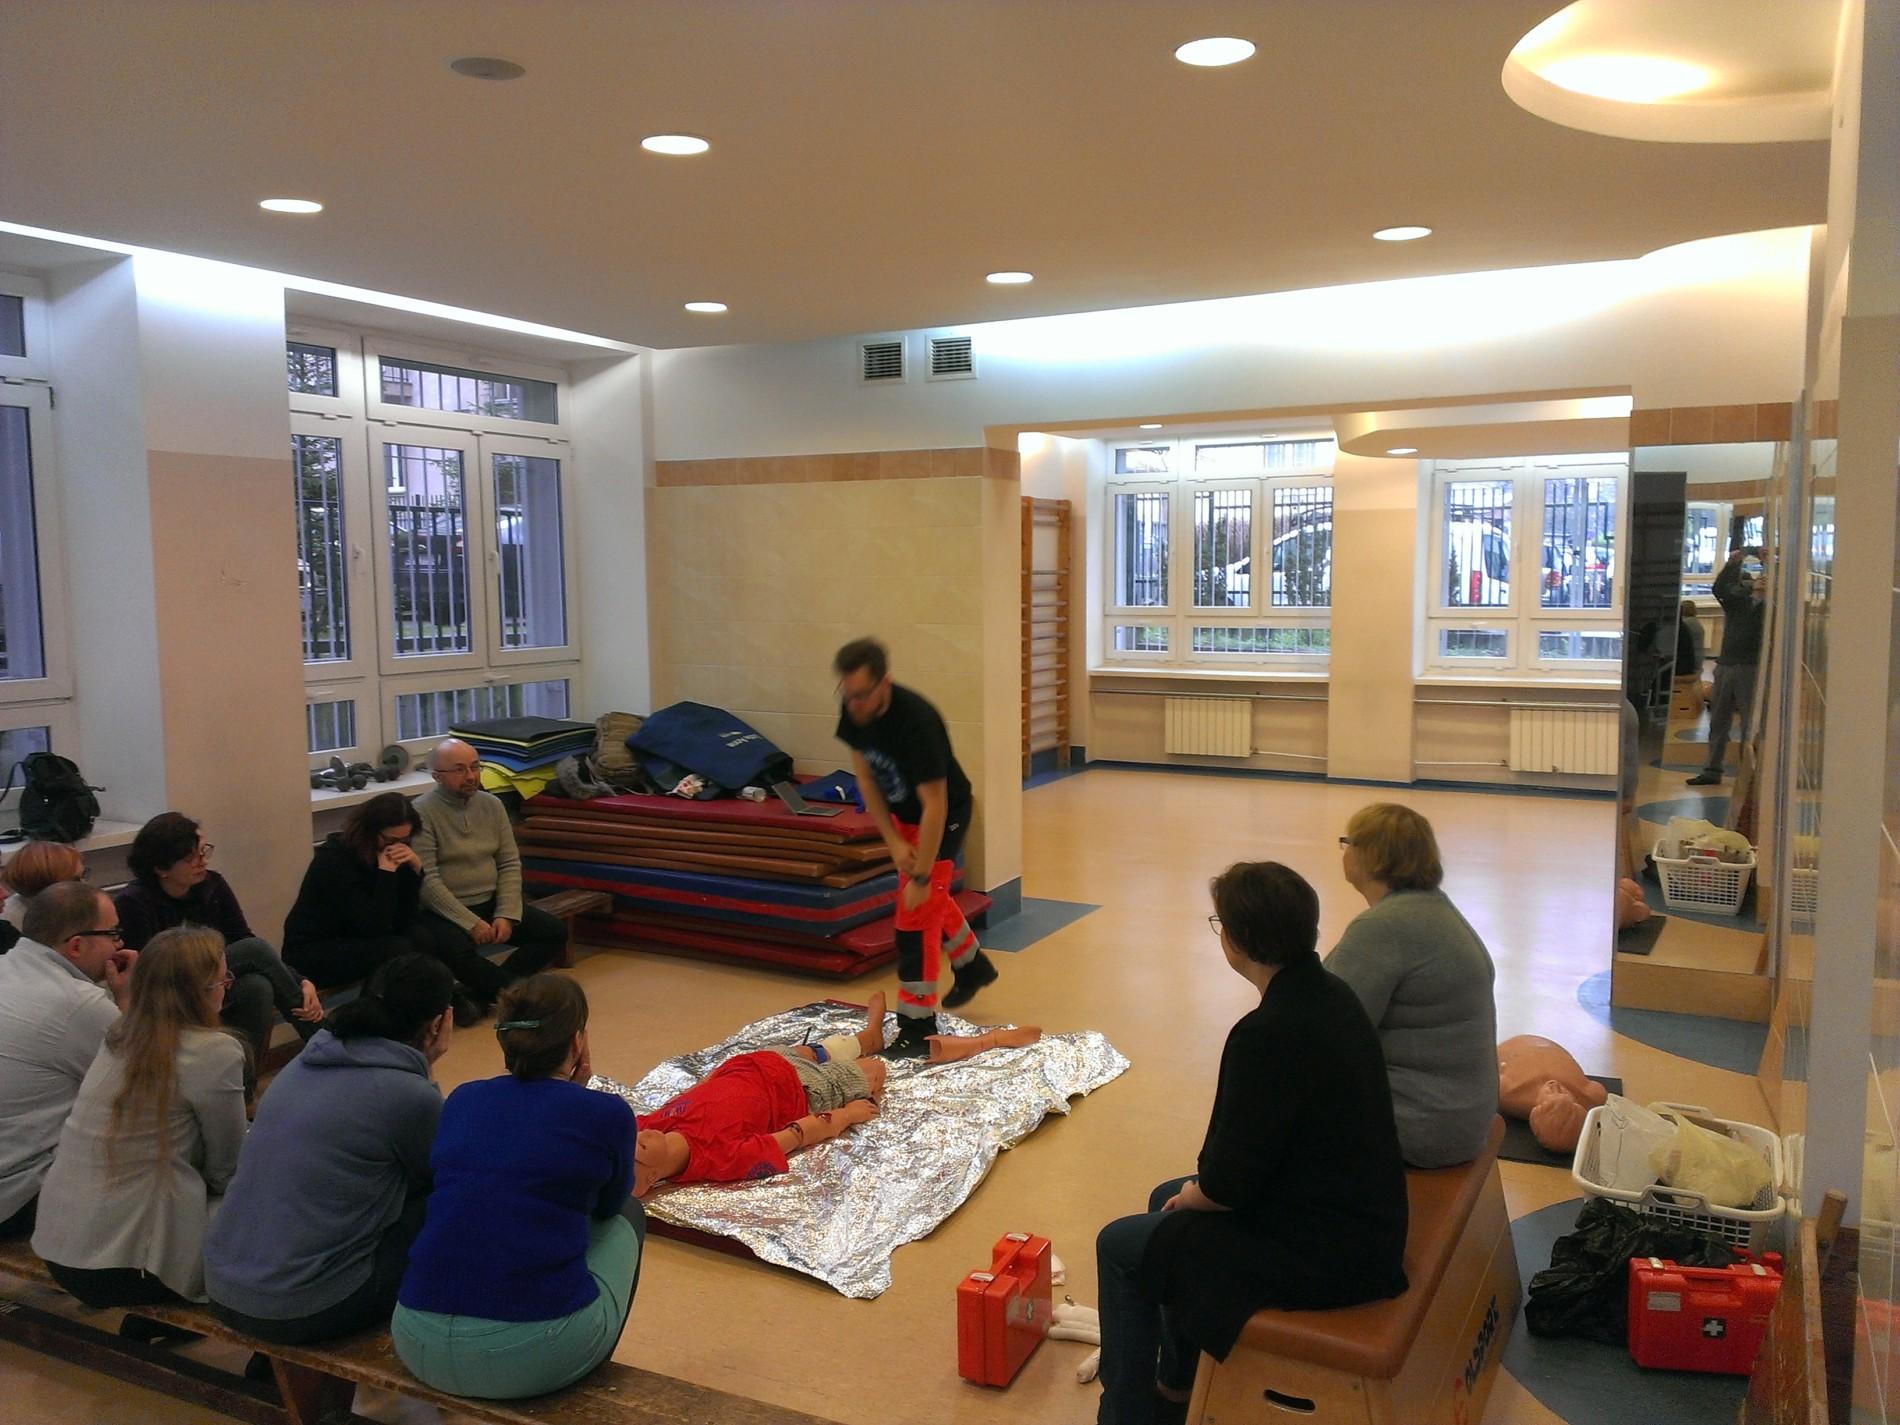 szkolenie pierwsza pomoc warszawa szkolenie z opatrywania ran